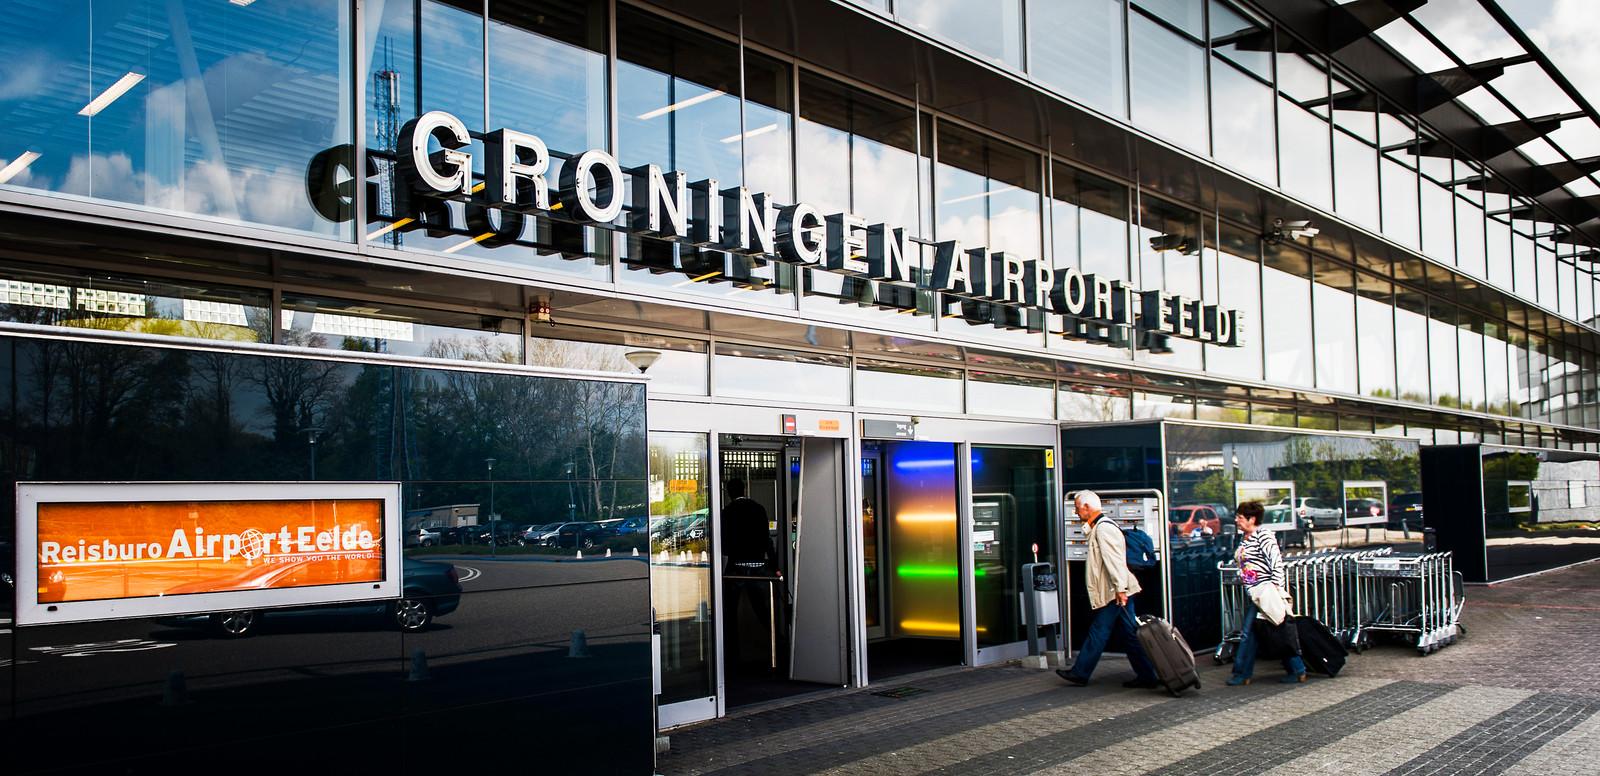 Vliegveld Airport Eelde bij Groningen.